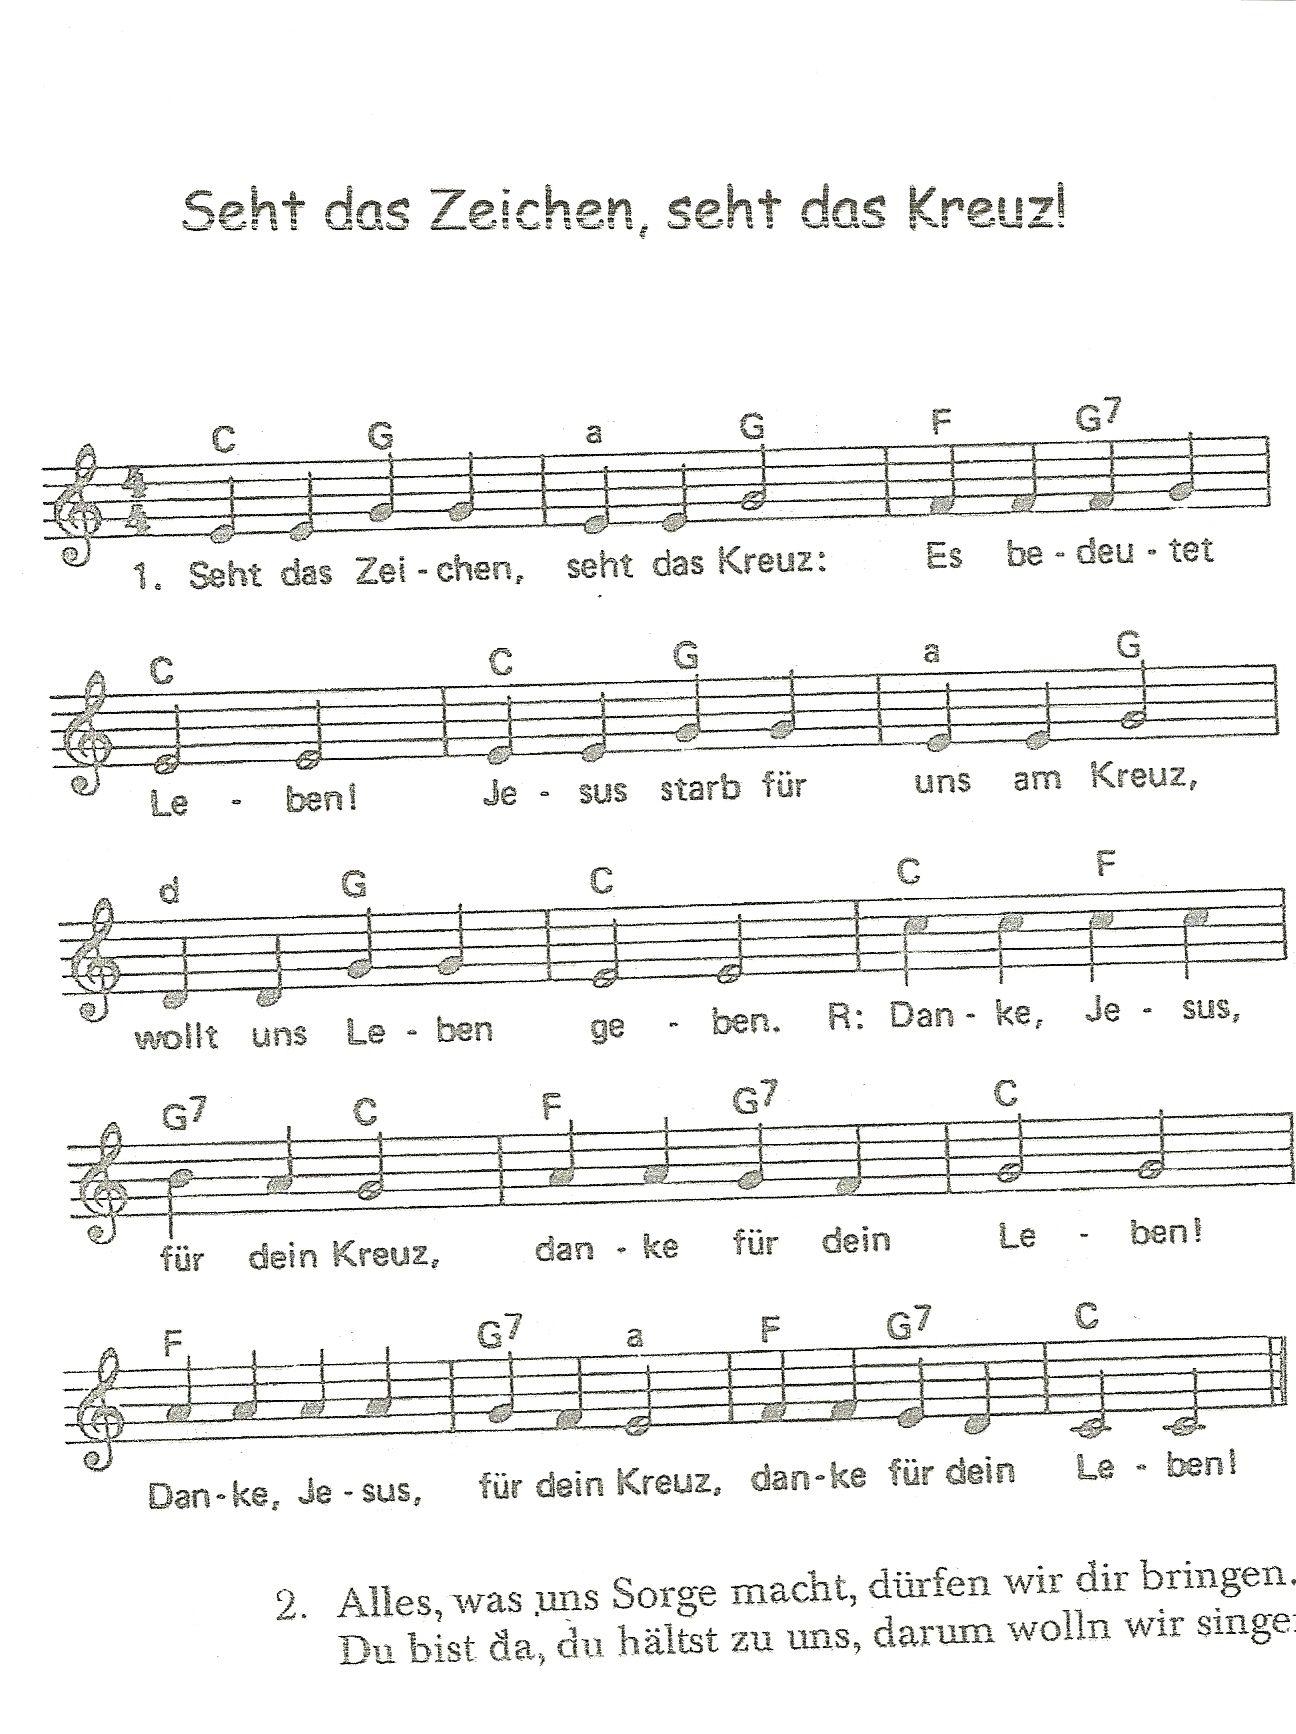 Lll Lieder Zum 50 Geburtstag Lustige Songs Und Texte Fur